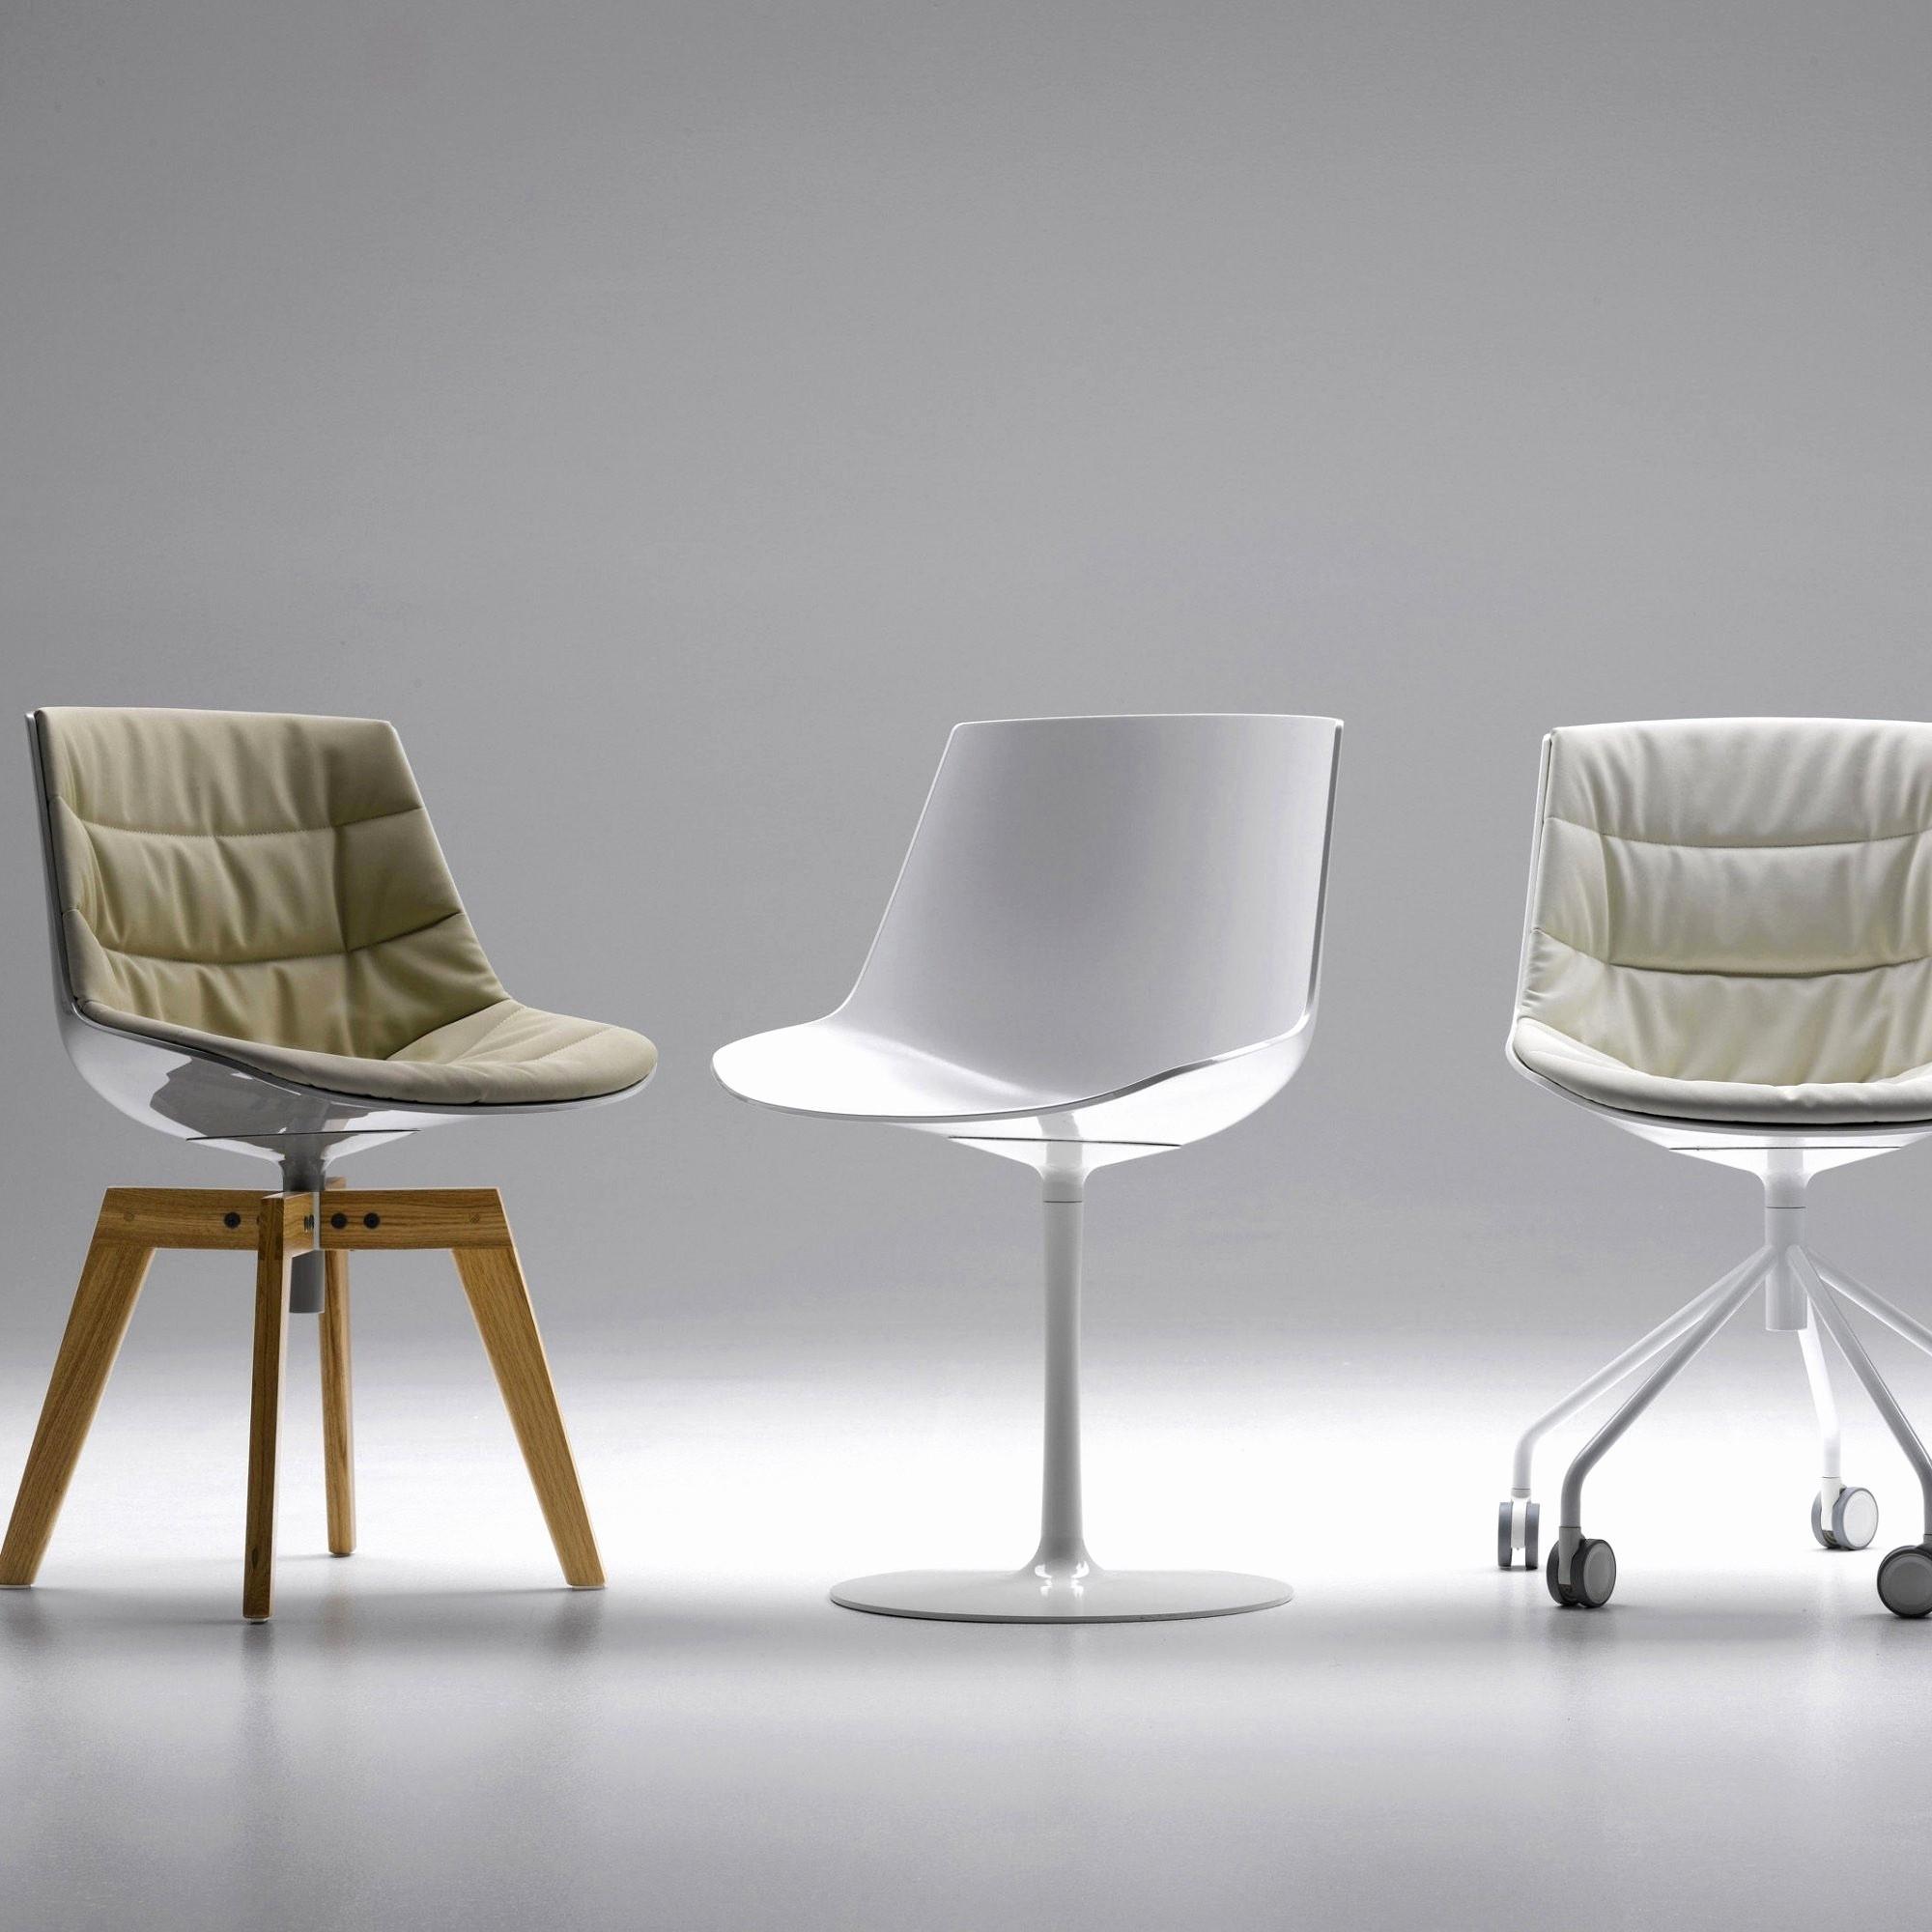 Chaises De Jardin Ikea Meilleur De Images Les Coquet Coussin Pour Banc Exterieur Idée – Sullivanmaxx